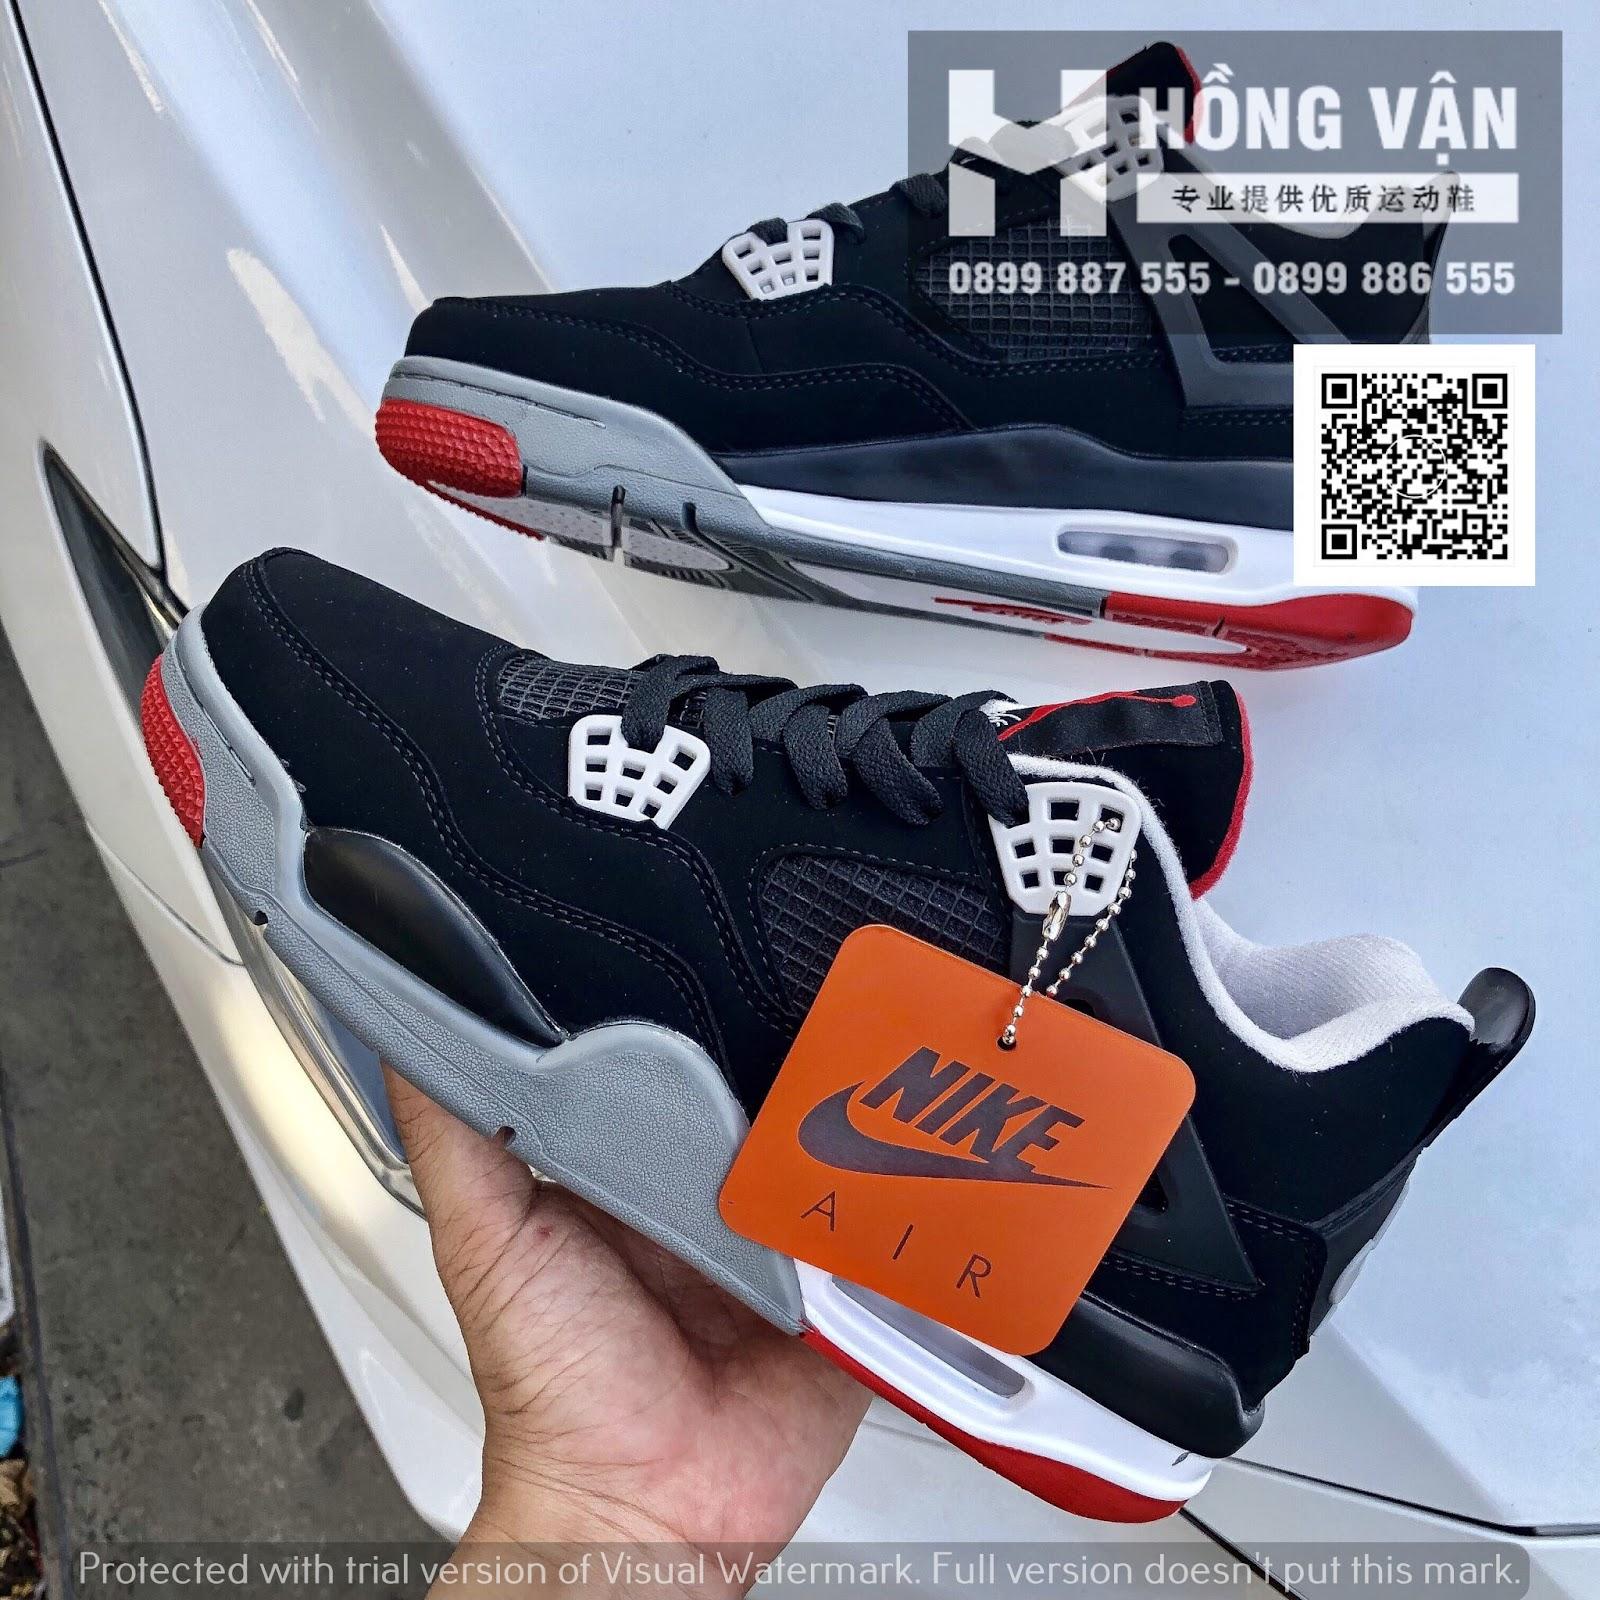 Hồng Vận - Nhà buôn sỉ giày thể thao và kèm theo những phụ kiện thể th - 5